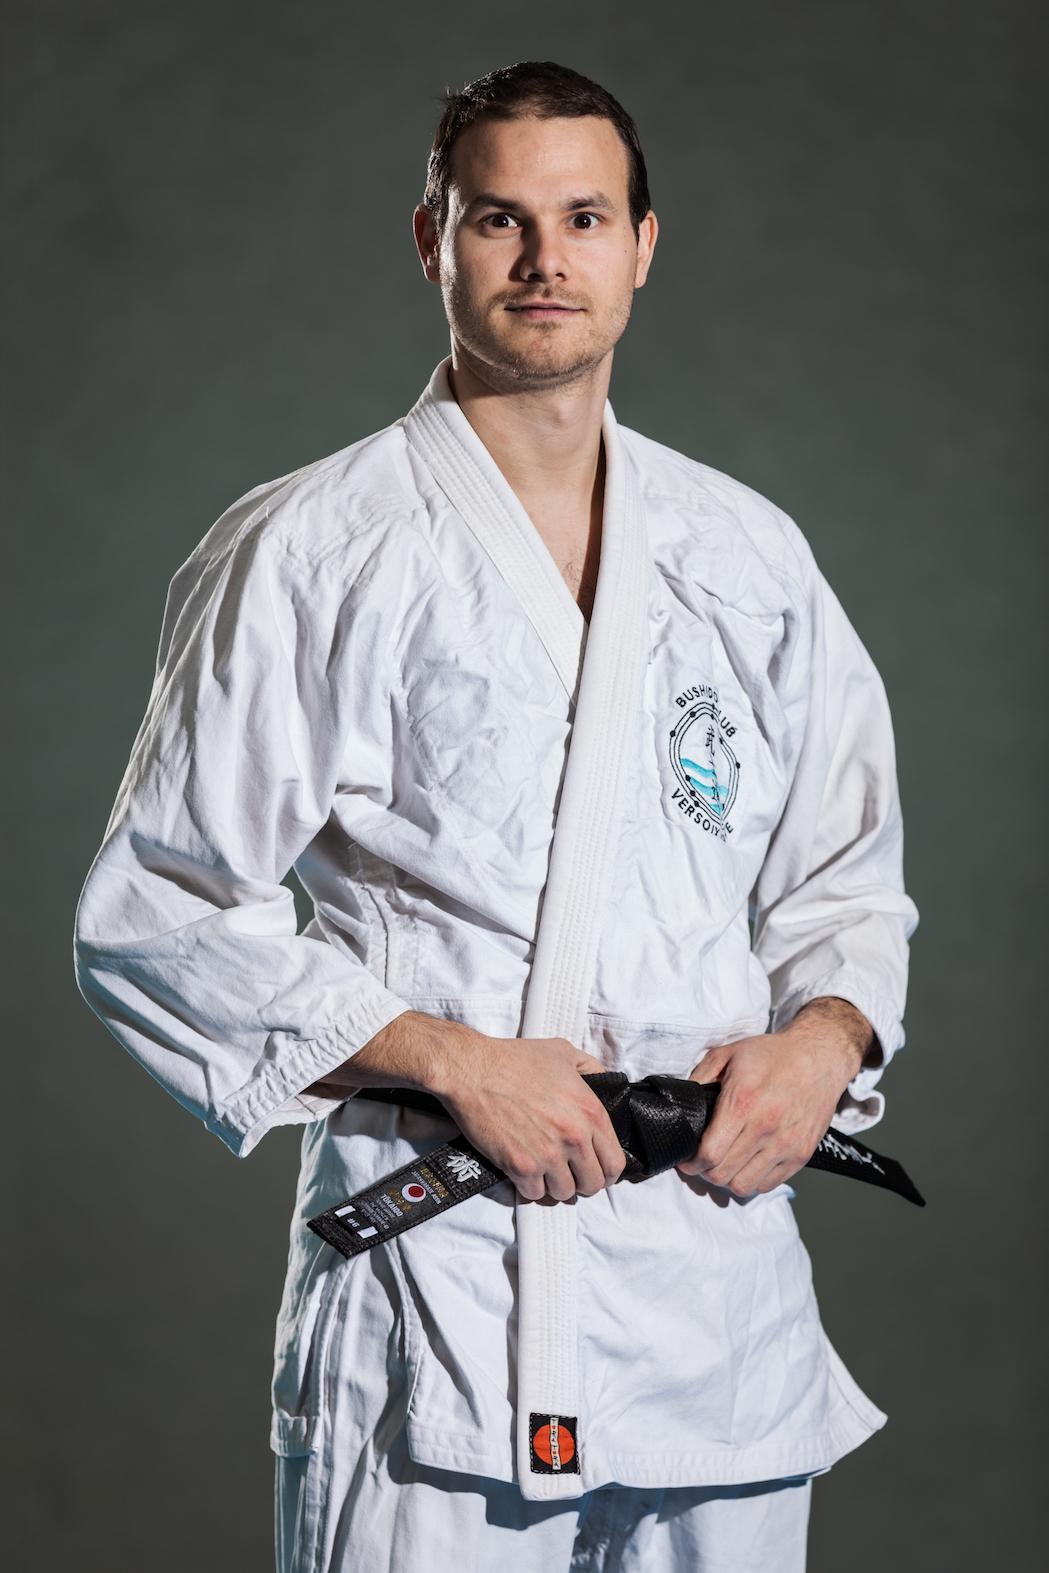 Sylvain Evrard